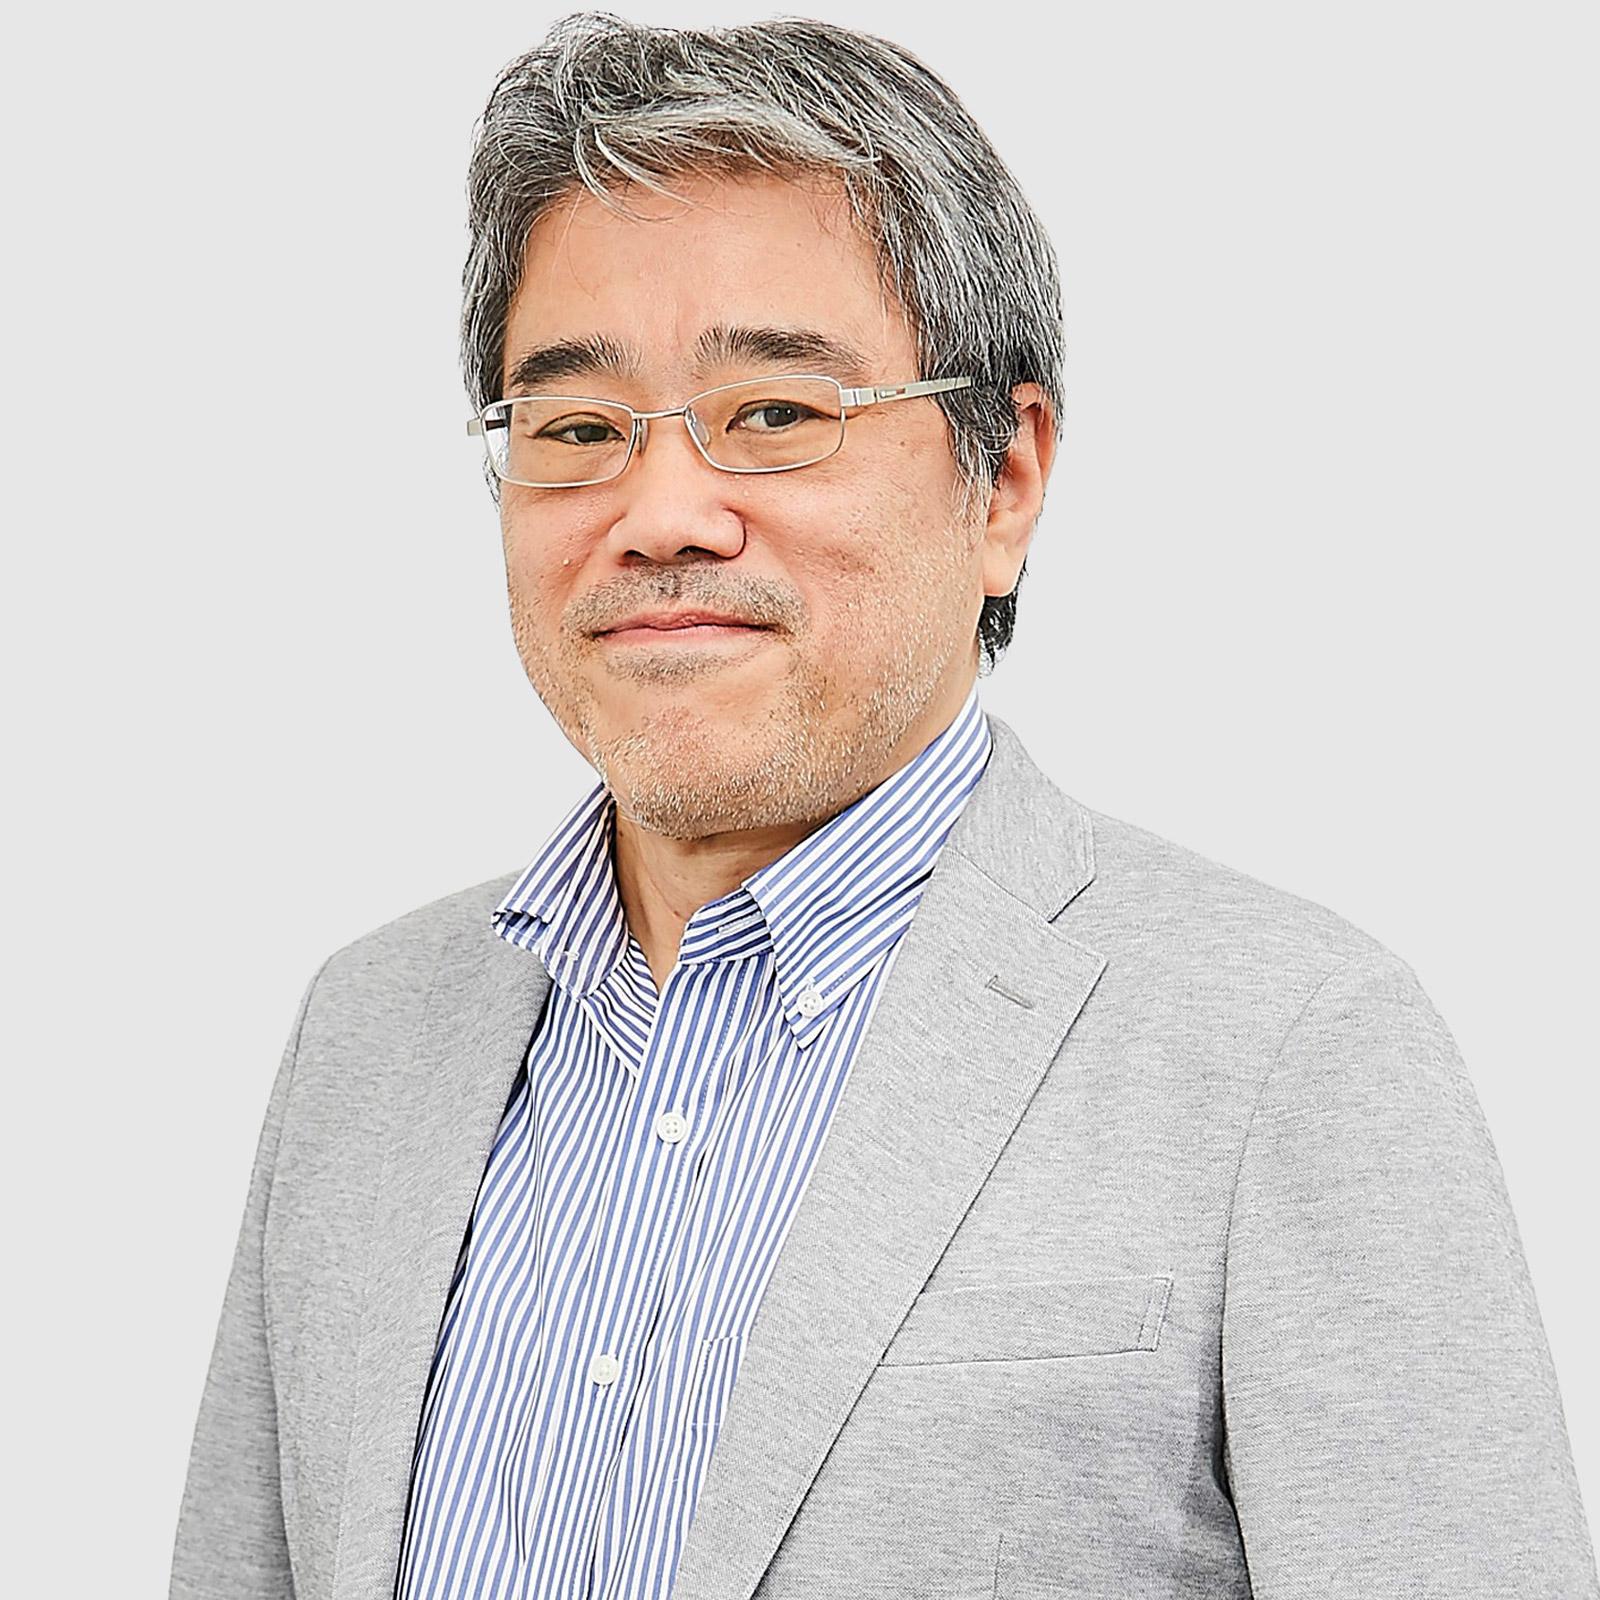 瀬尾 傑 代表理事 JIMA代表理事